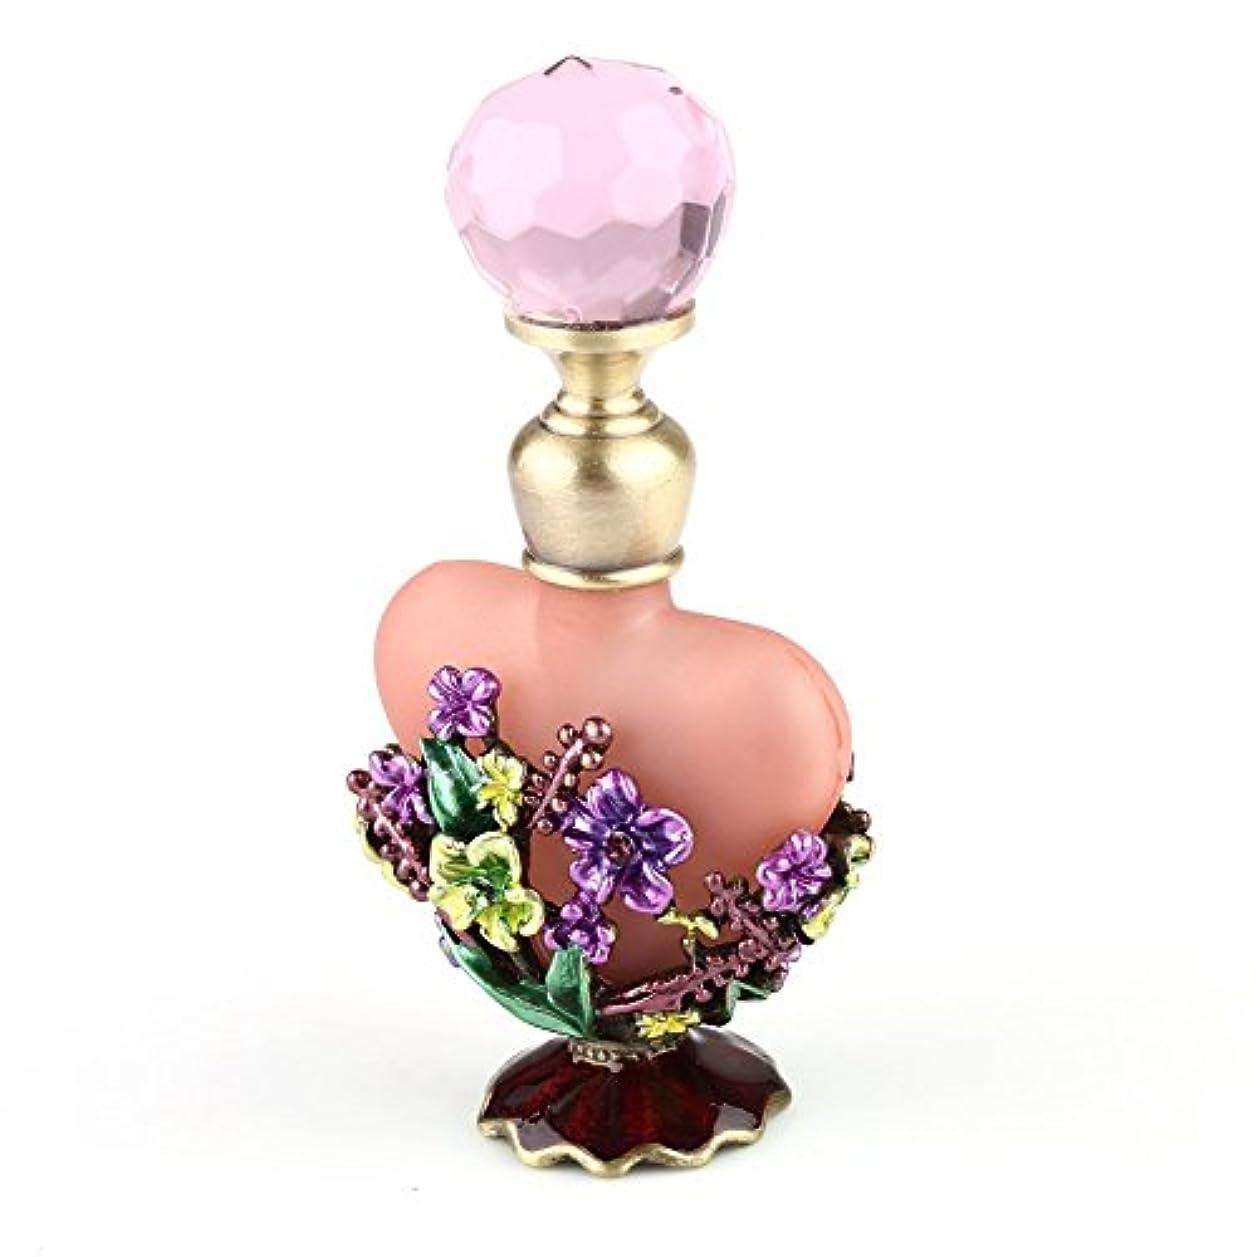 失う悪意のあるティーンエイジャーVERY100 高品質 美しい香水瓶/アロマボトル 5ML ピンク アロマオイル用瓶 綺麗アンティーク調フラワーデザイン プレゼント 結婚式 飾り